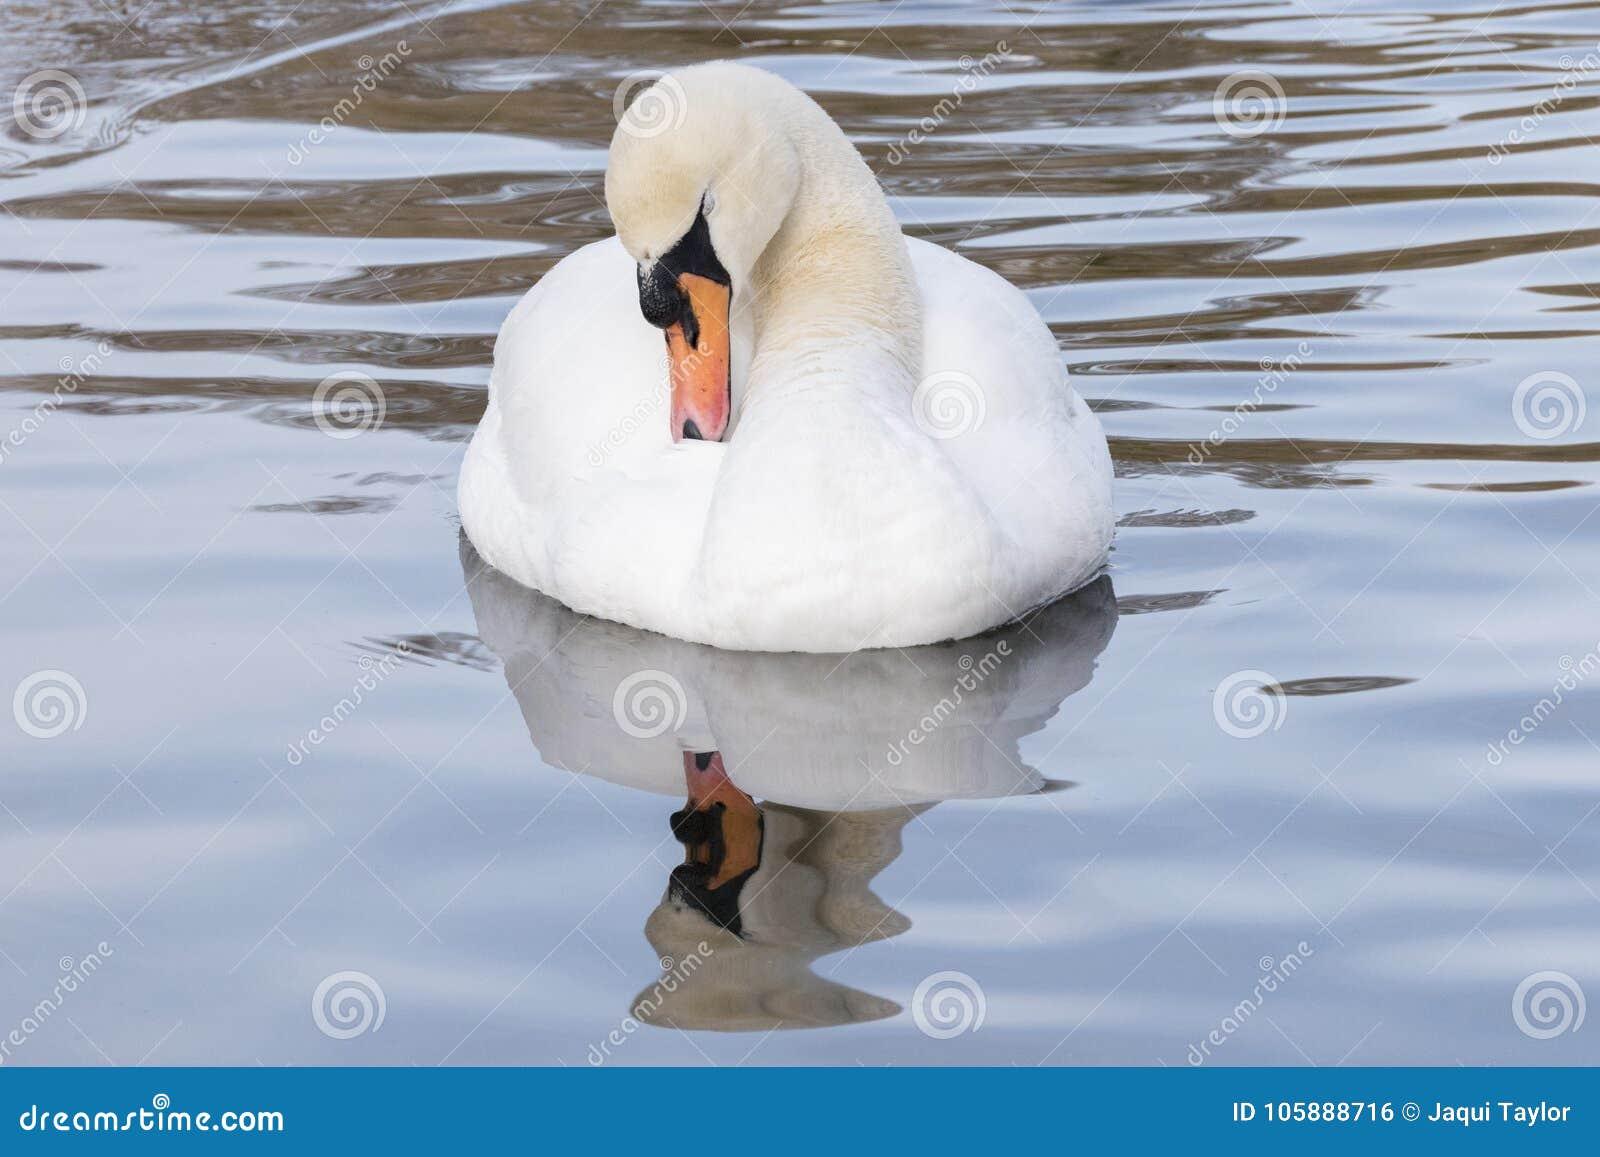 Ein Höckerschwan in einem eisigen Teich